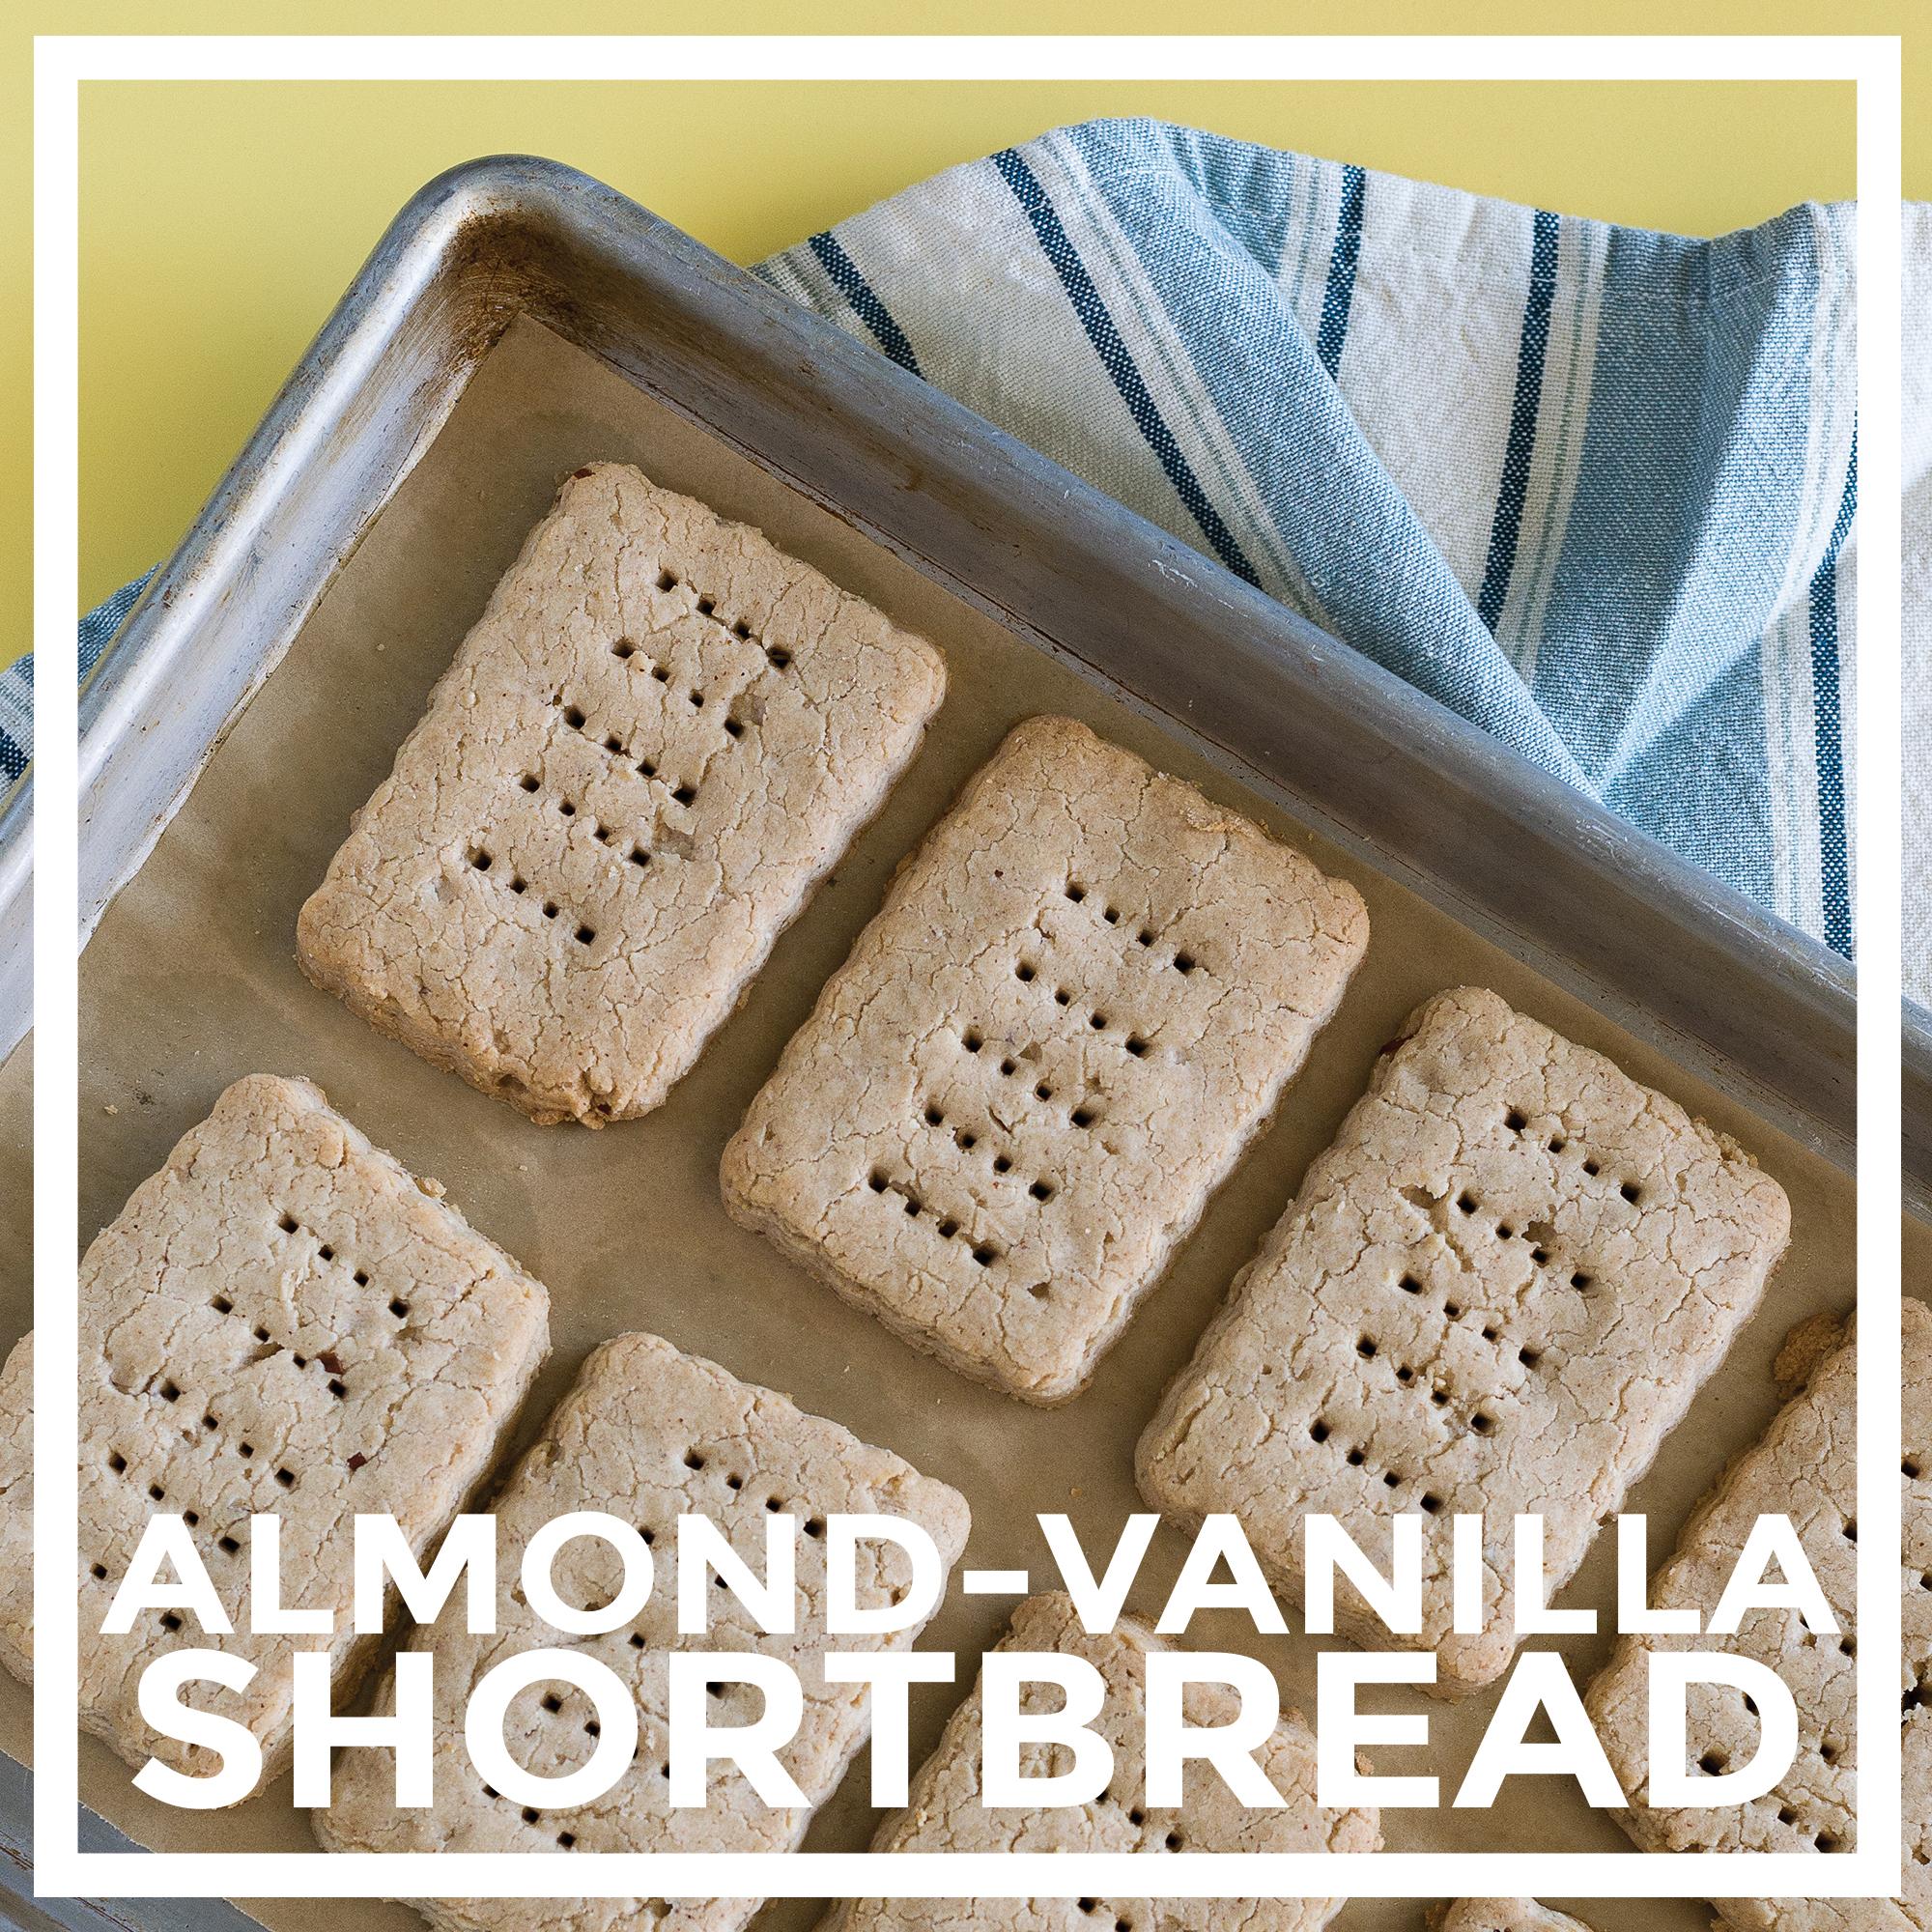 Almond-Vanilla Shortbread by Unrefined Vegan